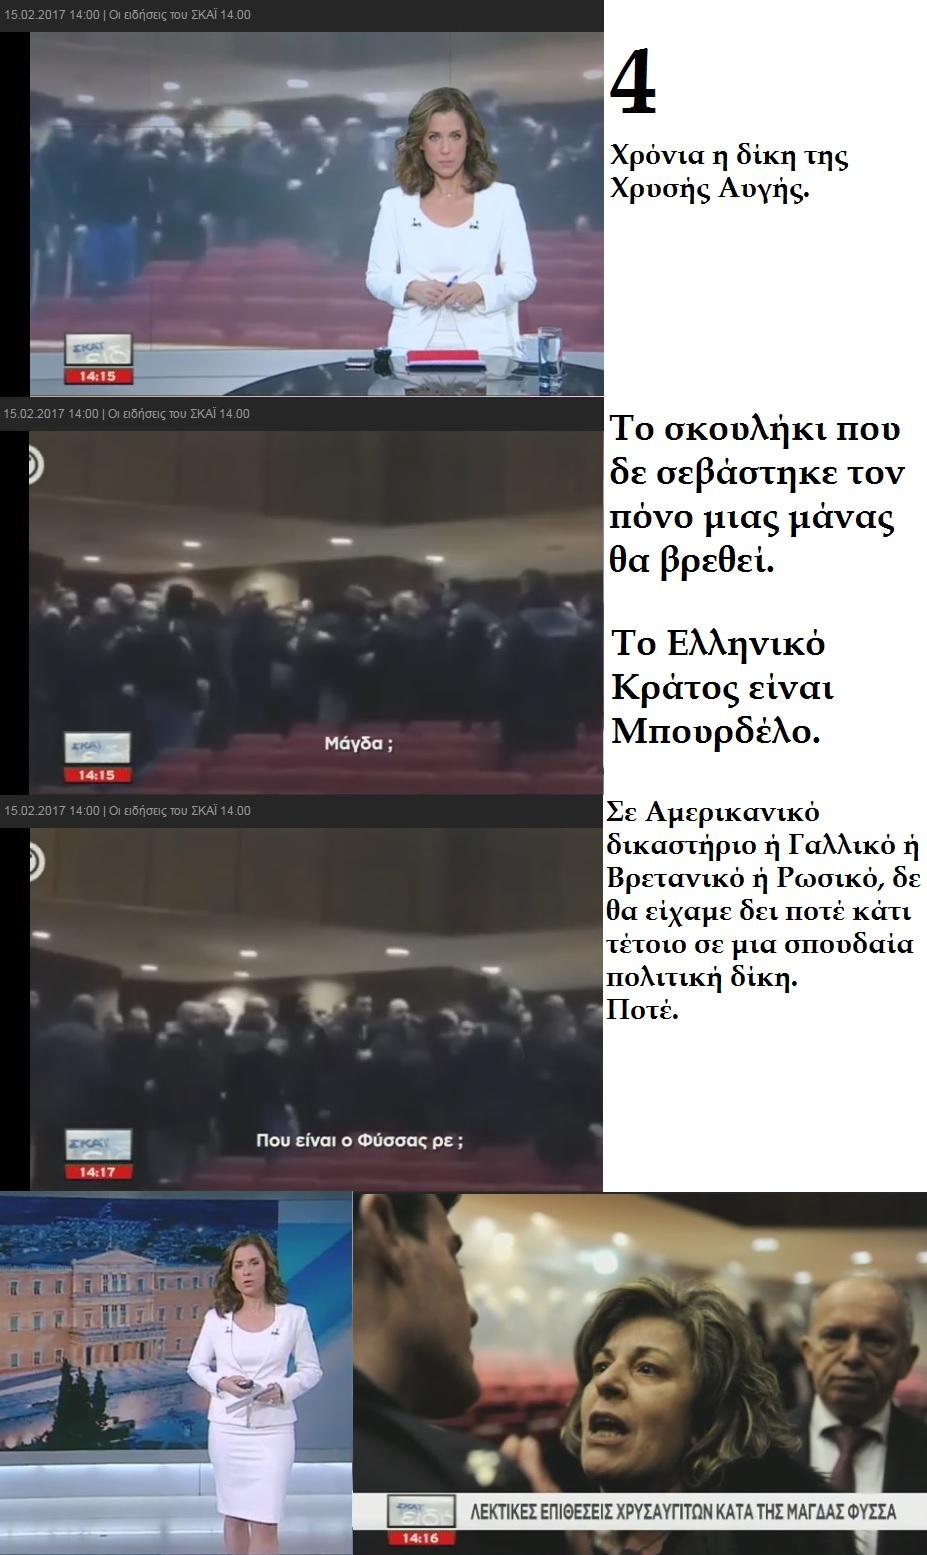 ellada-xrysh-aygh-fyssas-dikh-01-170217